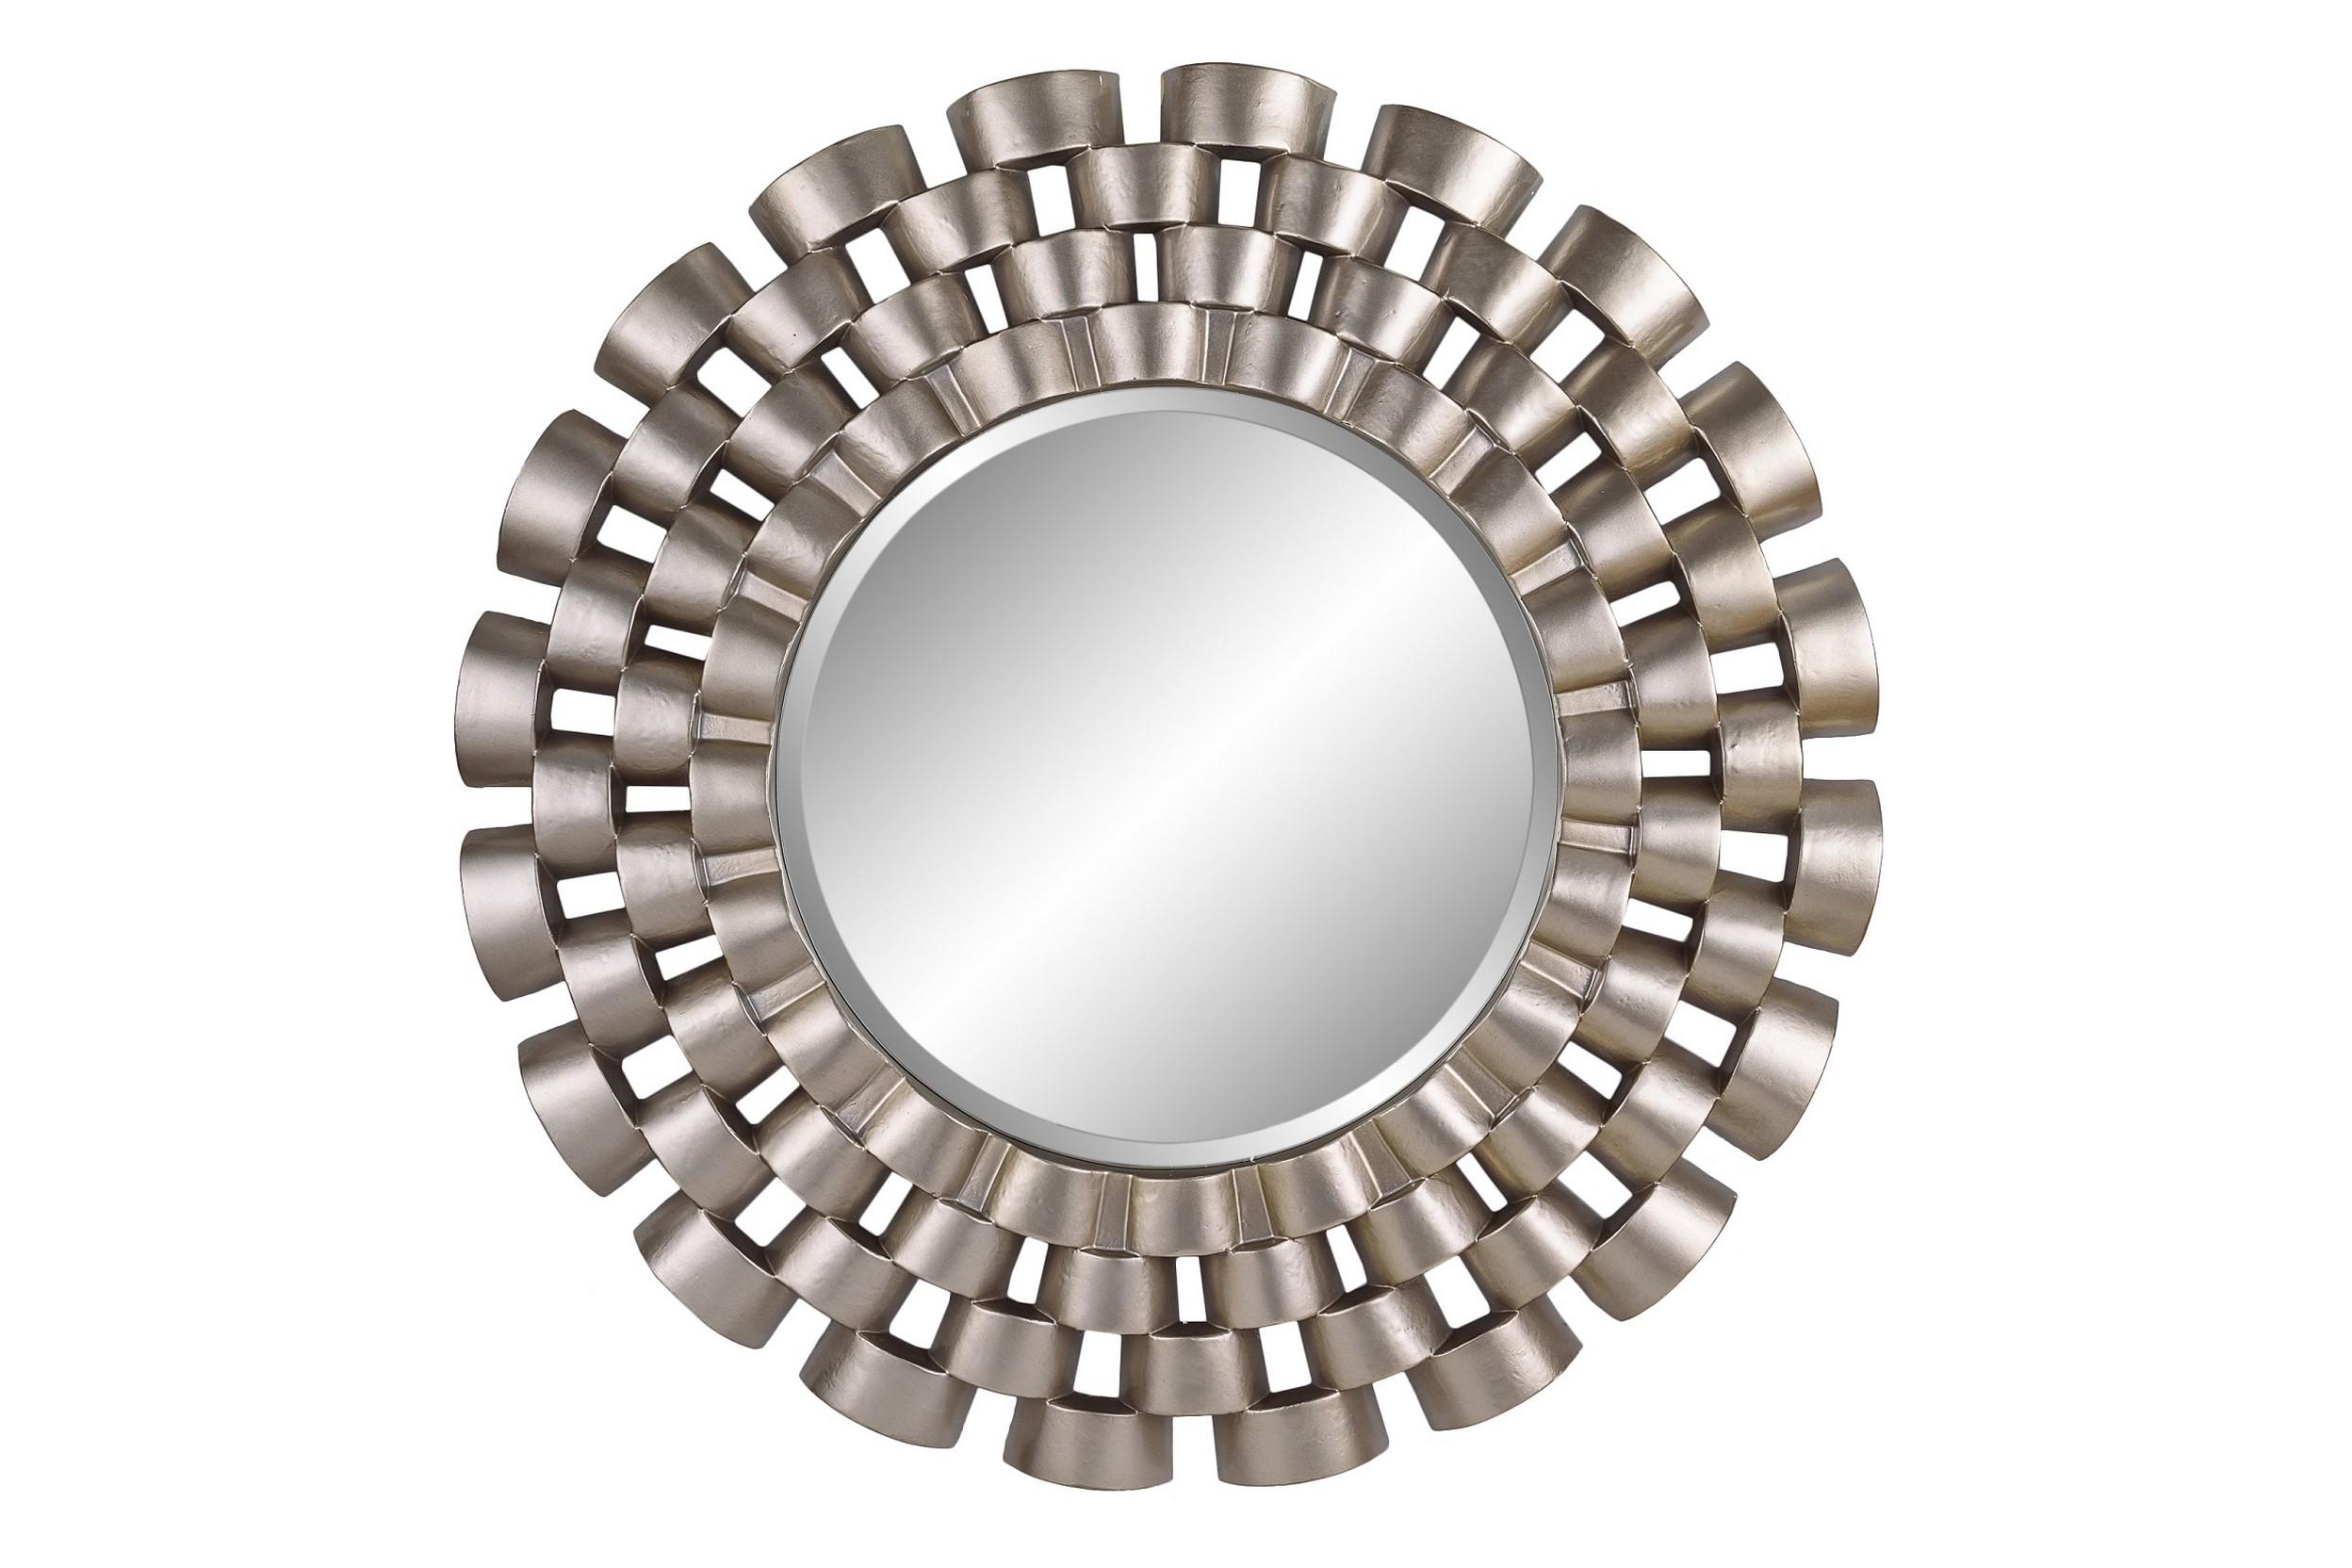 Зеркало Nexus SilverНастенные зеркала<br>Круглое зеркало в серебряной раме из полиуретана. Оригинальный дизайн рамы напоминает ремешок от классических мужских наручных часов, вызывая ассоциацию спокойствия и уверенности. Отличный вариант для прихожей и других помещений, оформленных в современном стиле.<br><br>Цвет: серебро<br>Материал: полиуретан<br><br>Material: Стекло<br>Length см: None<br>Width см: None<br>Depth см: None<br>Height см: None<br>Diameter см: 91.0